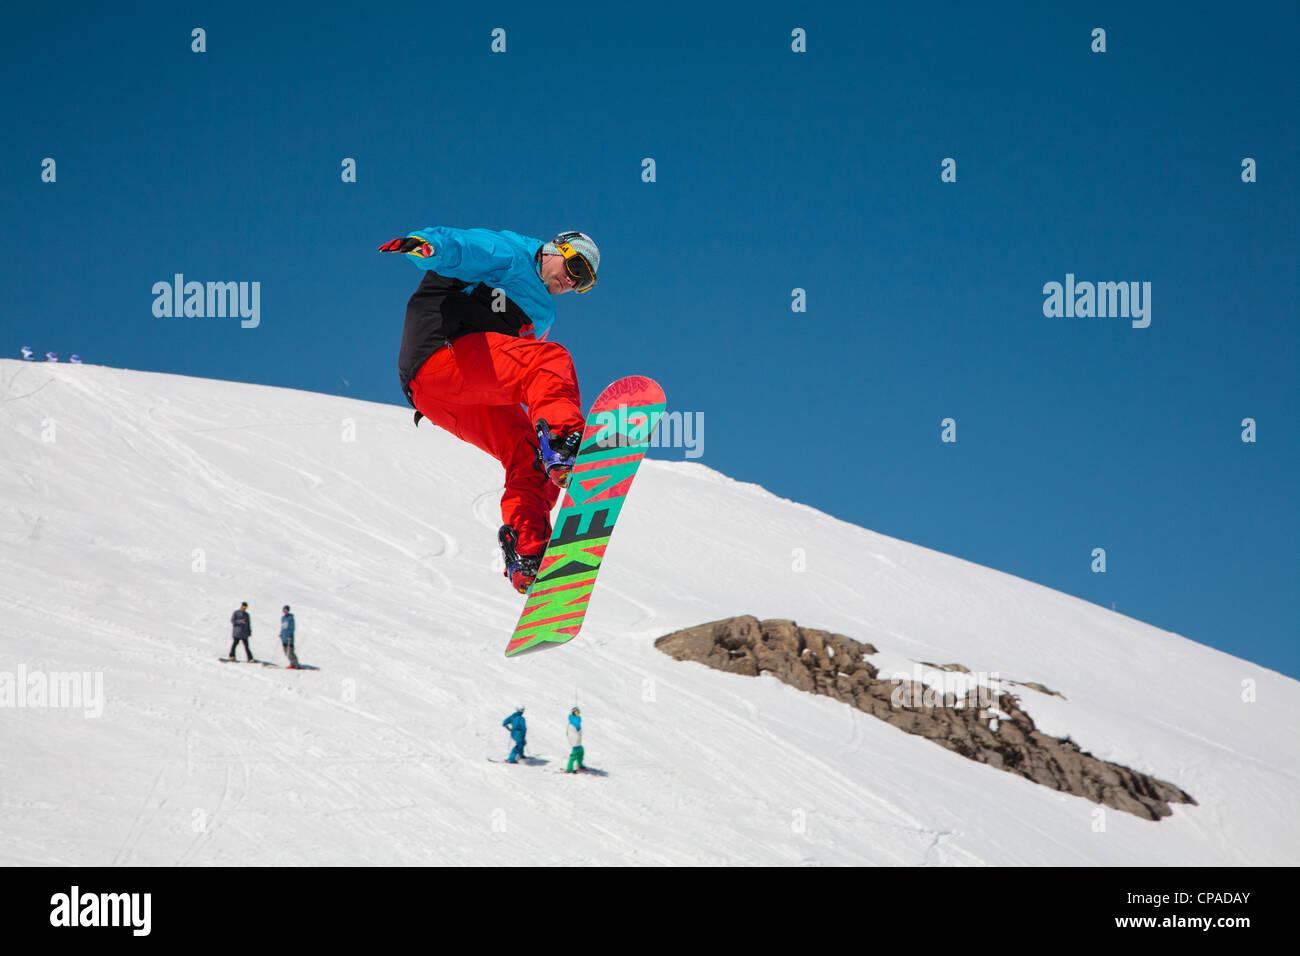 Un free-style boarder exécute un saut et une torsion contre un fond de neige. 1 de 2. Photo Stock